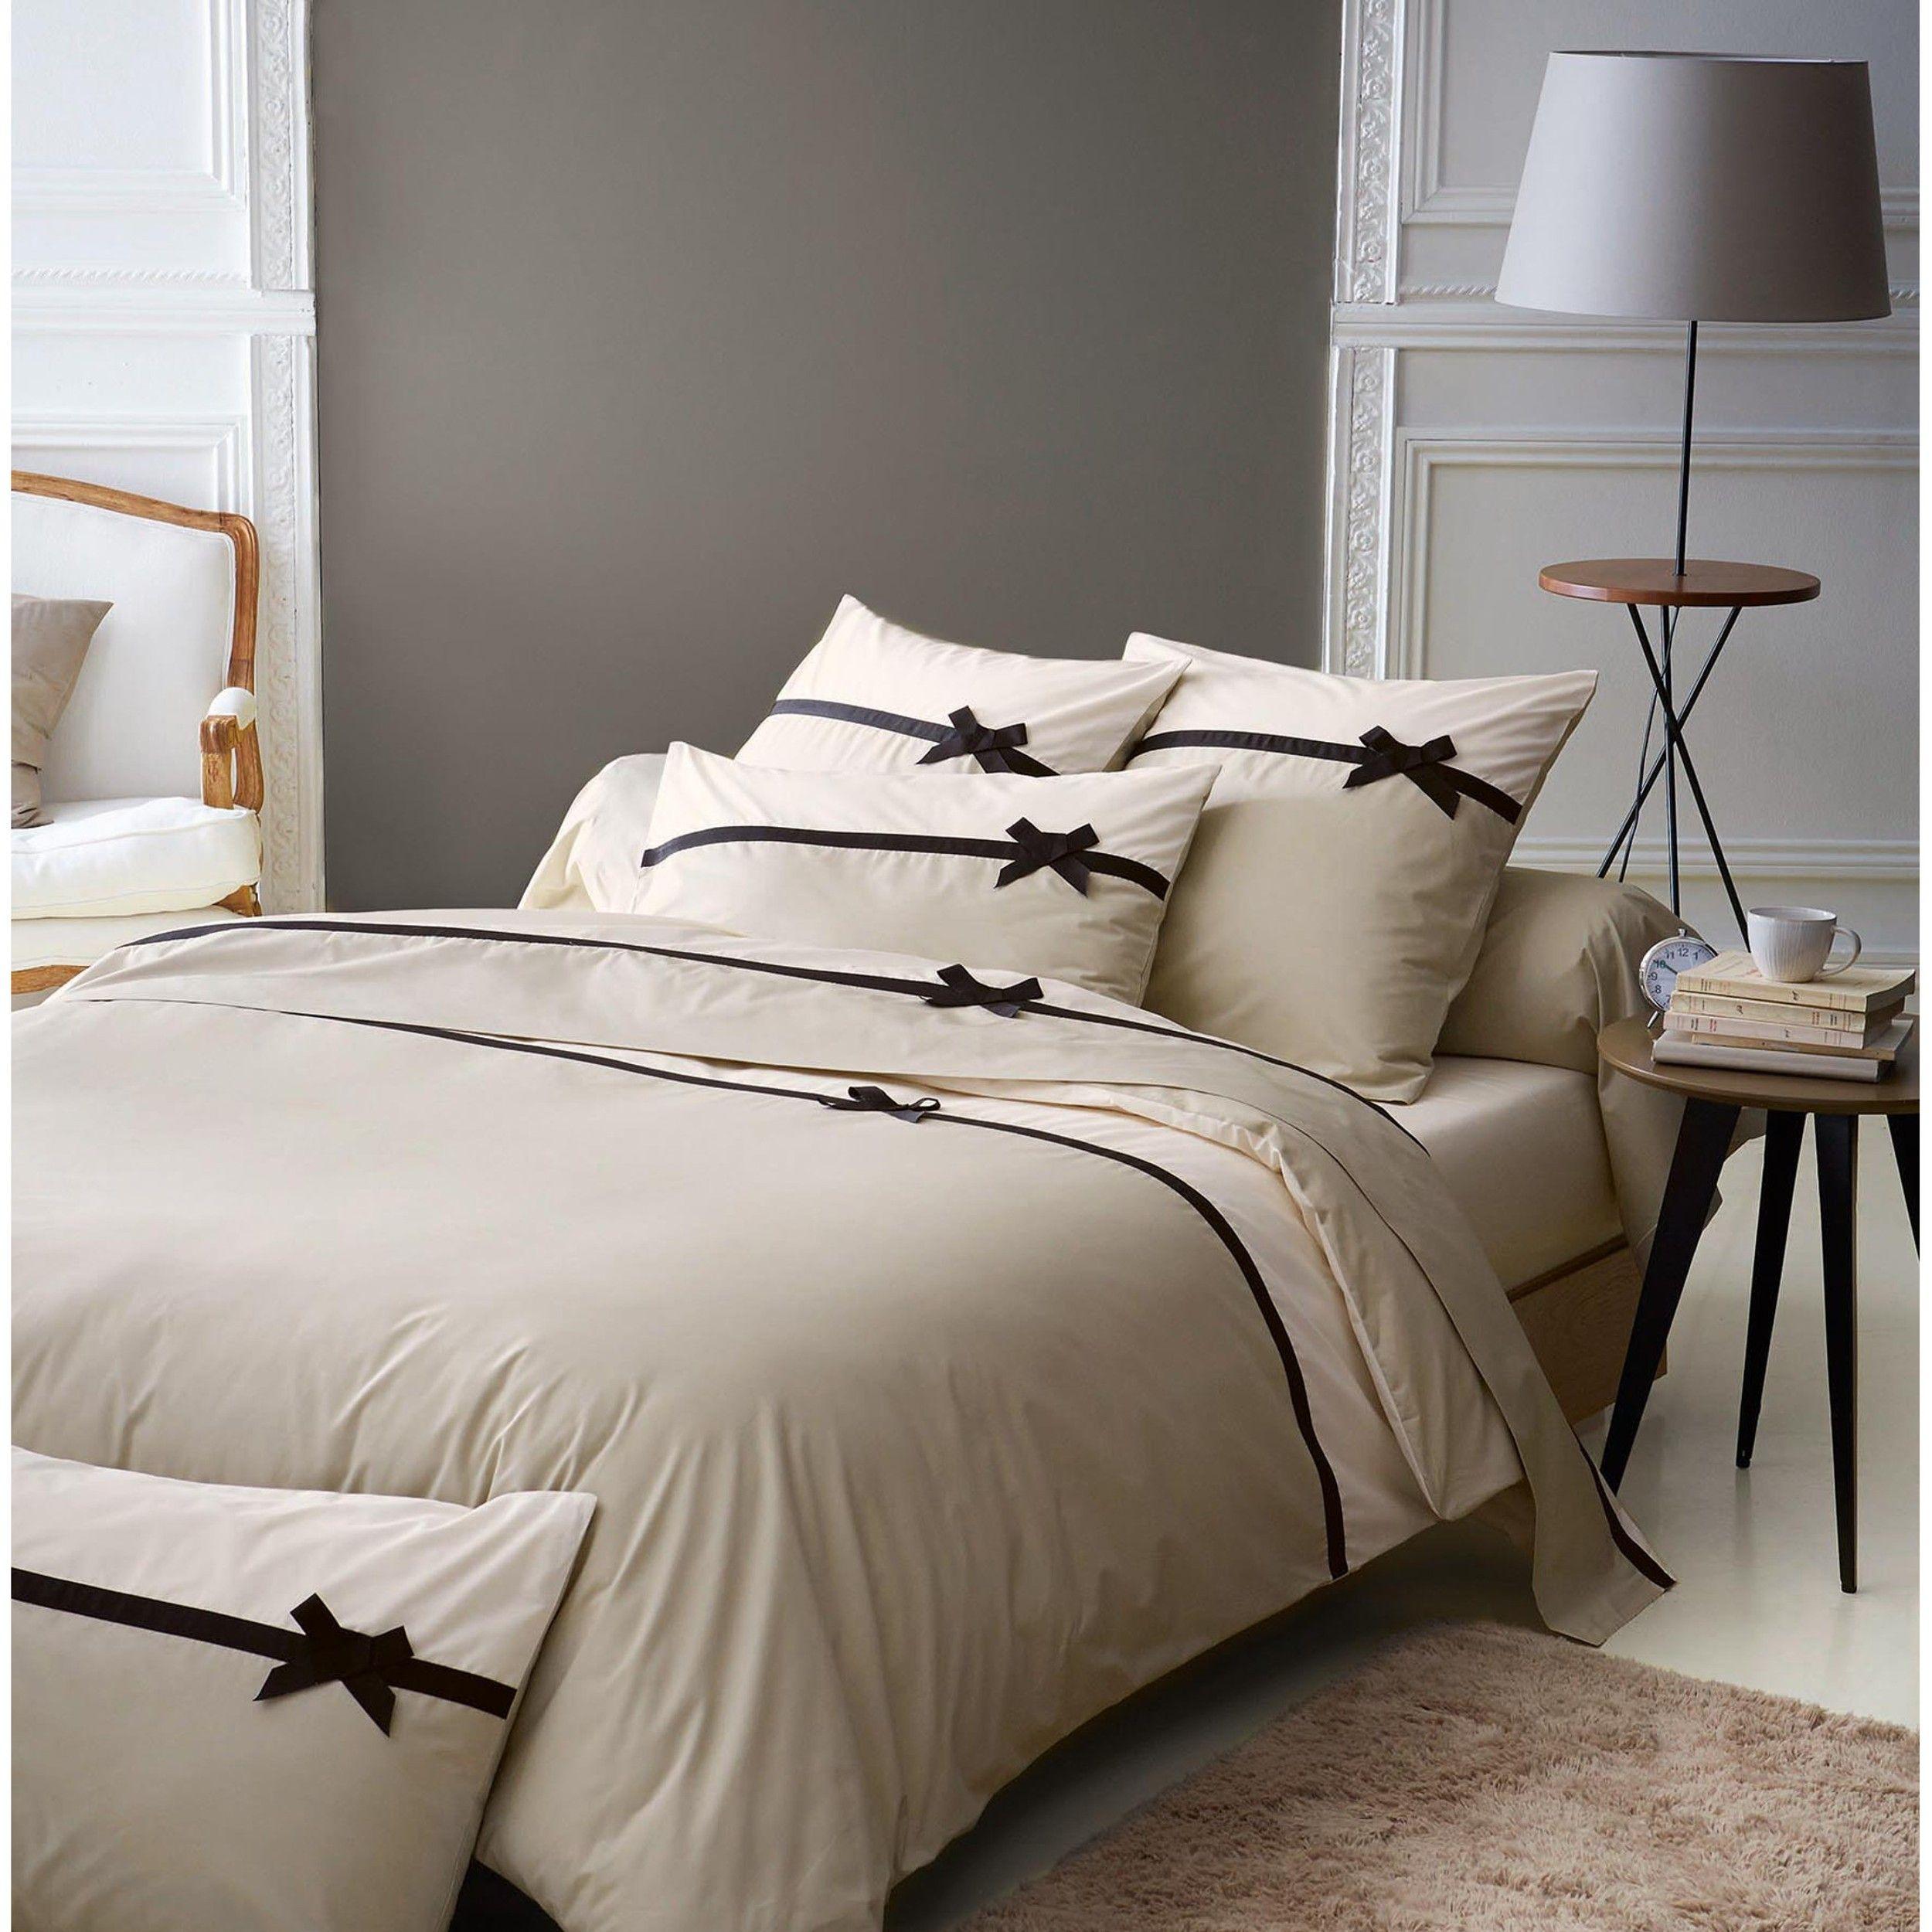 tradi linge de lit Parure de lit Frou Frou Lin Tradilinge | Linge de maison  tradi linge de lit